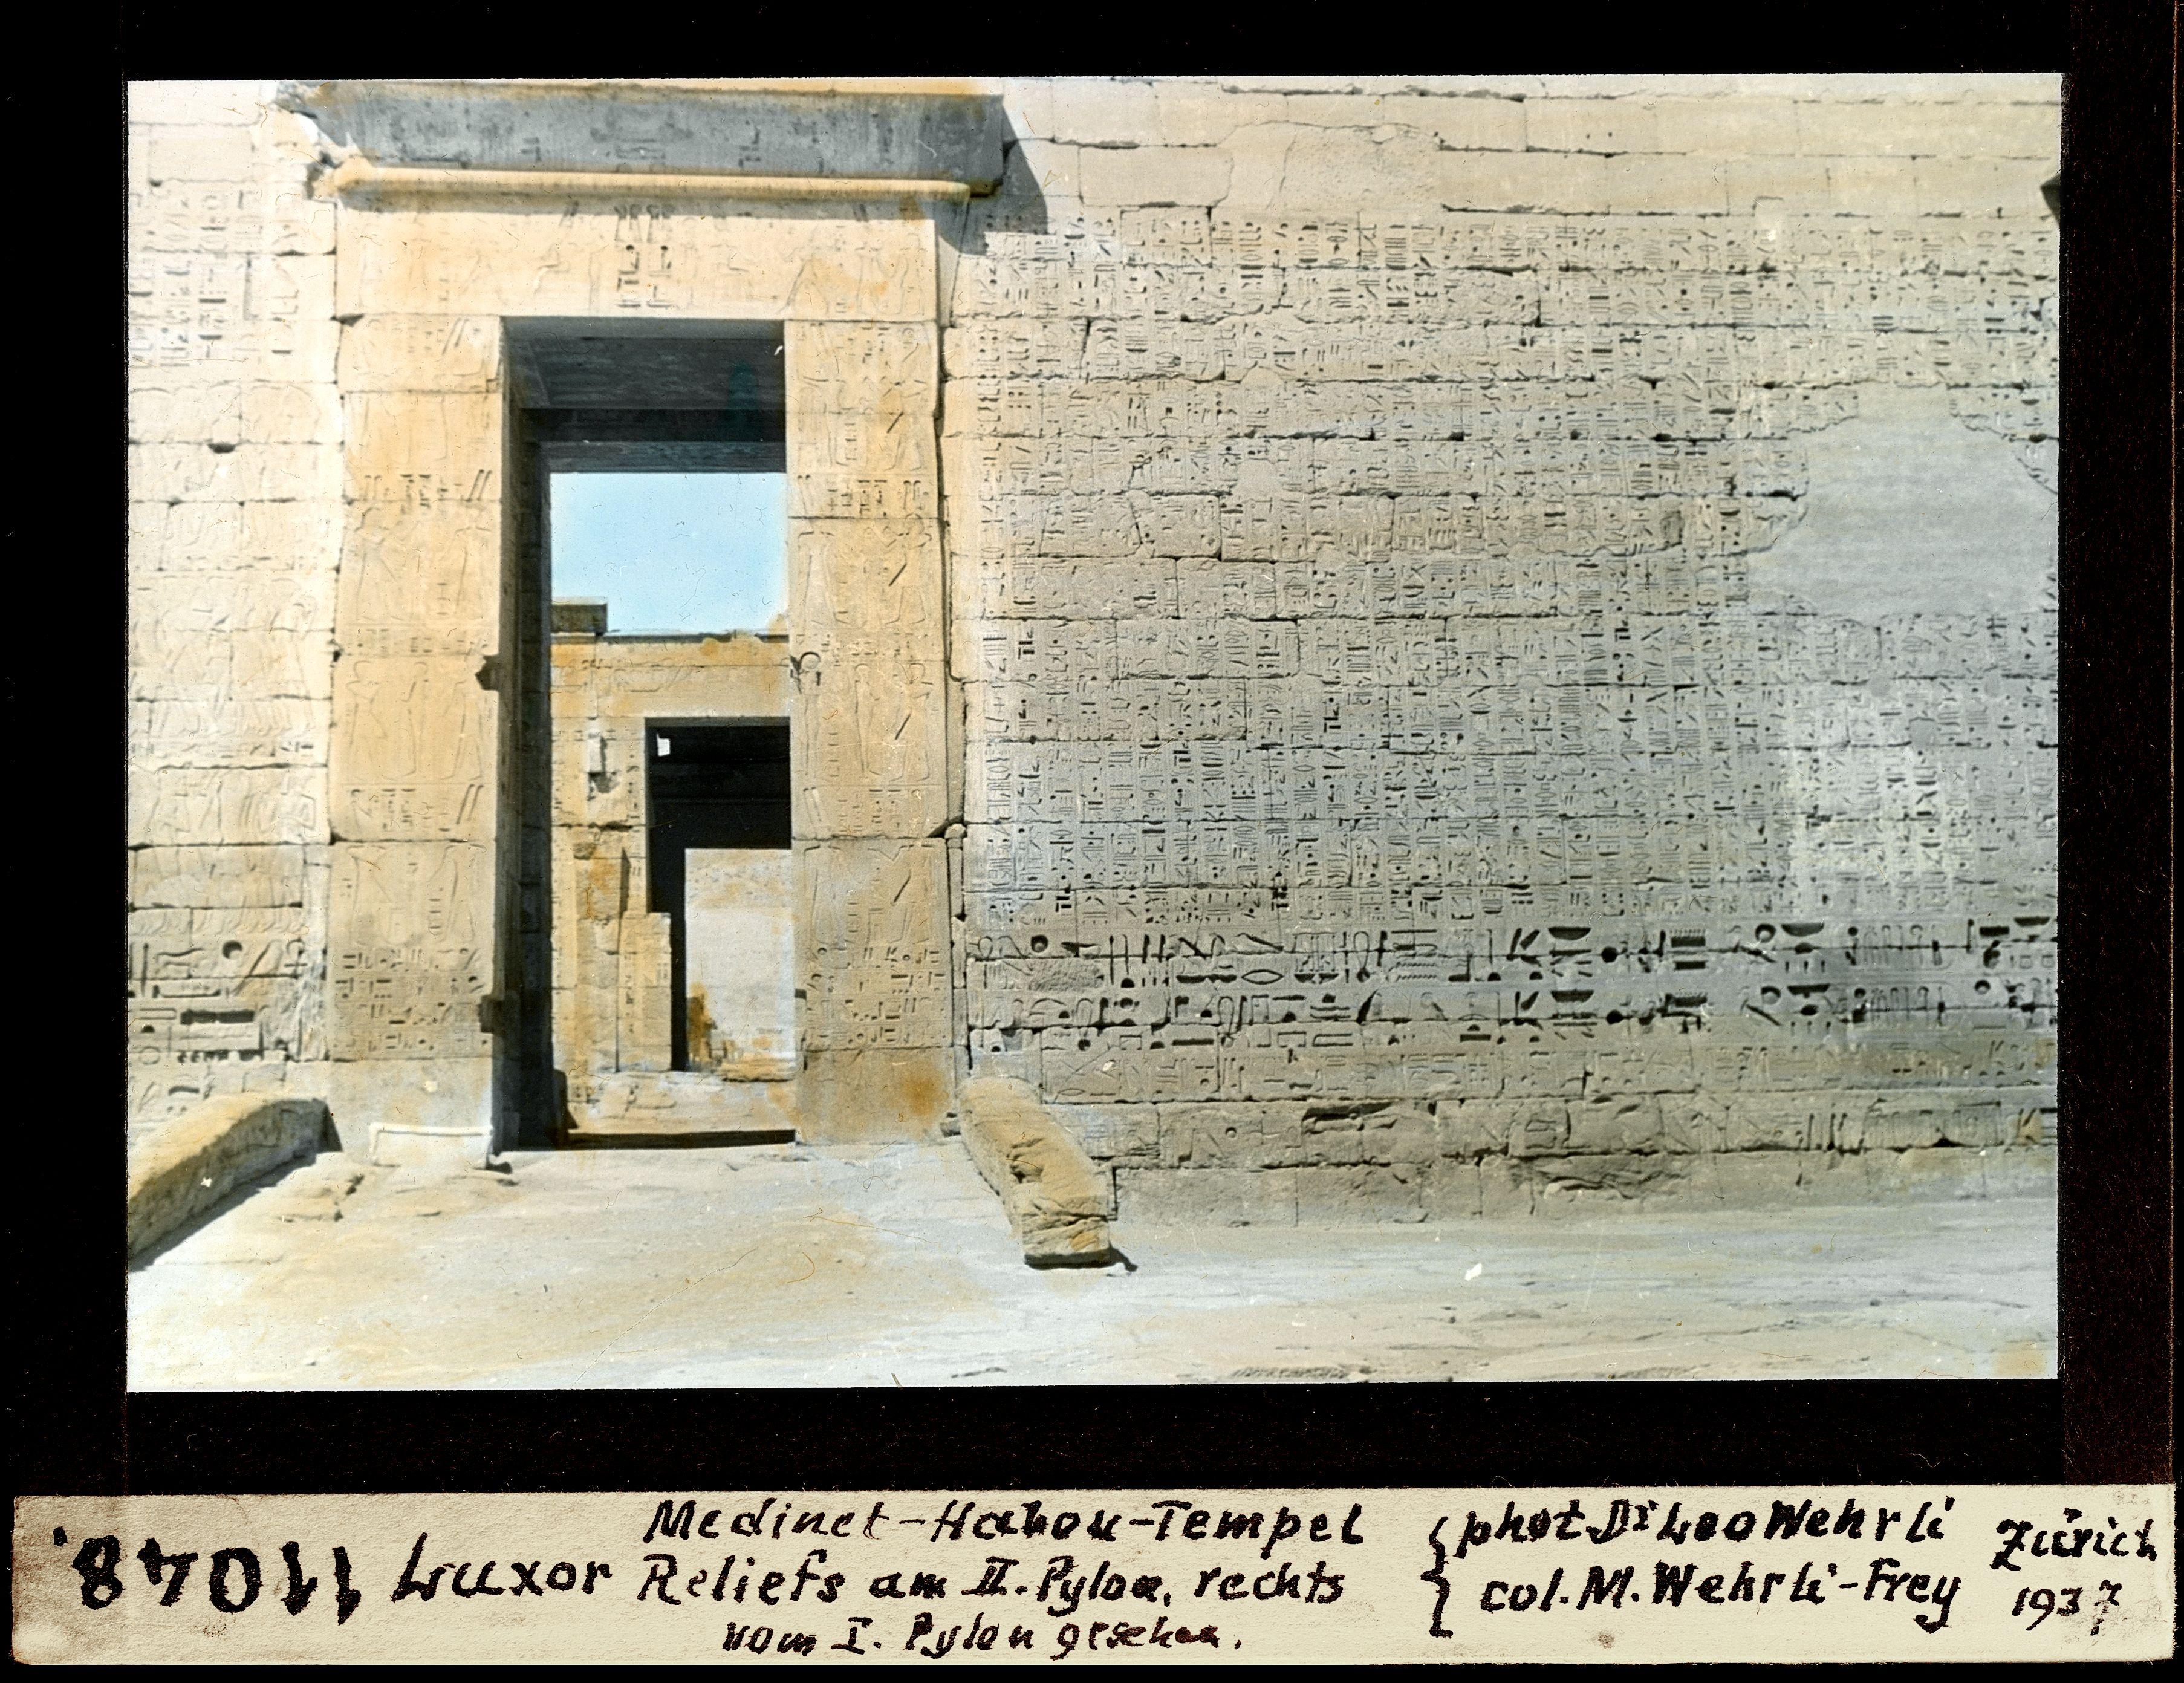 Мединет-Абу. Погребальный храм Рамсеса III. Рельефы на пилоне №II справа от пилона №I